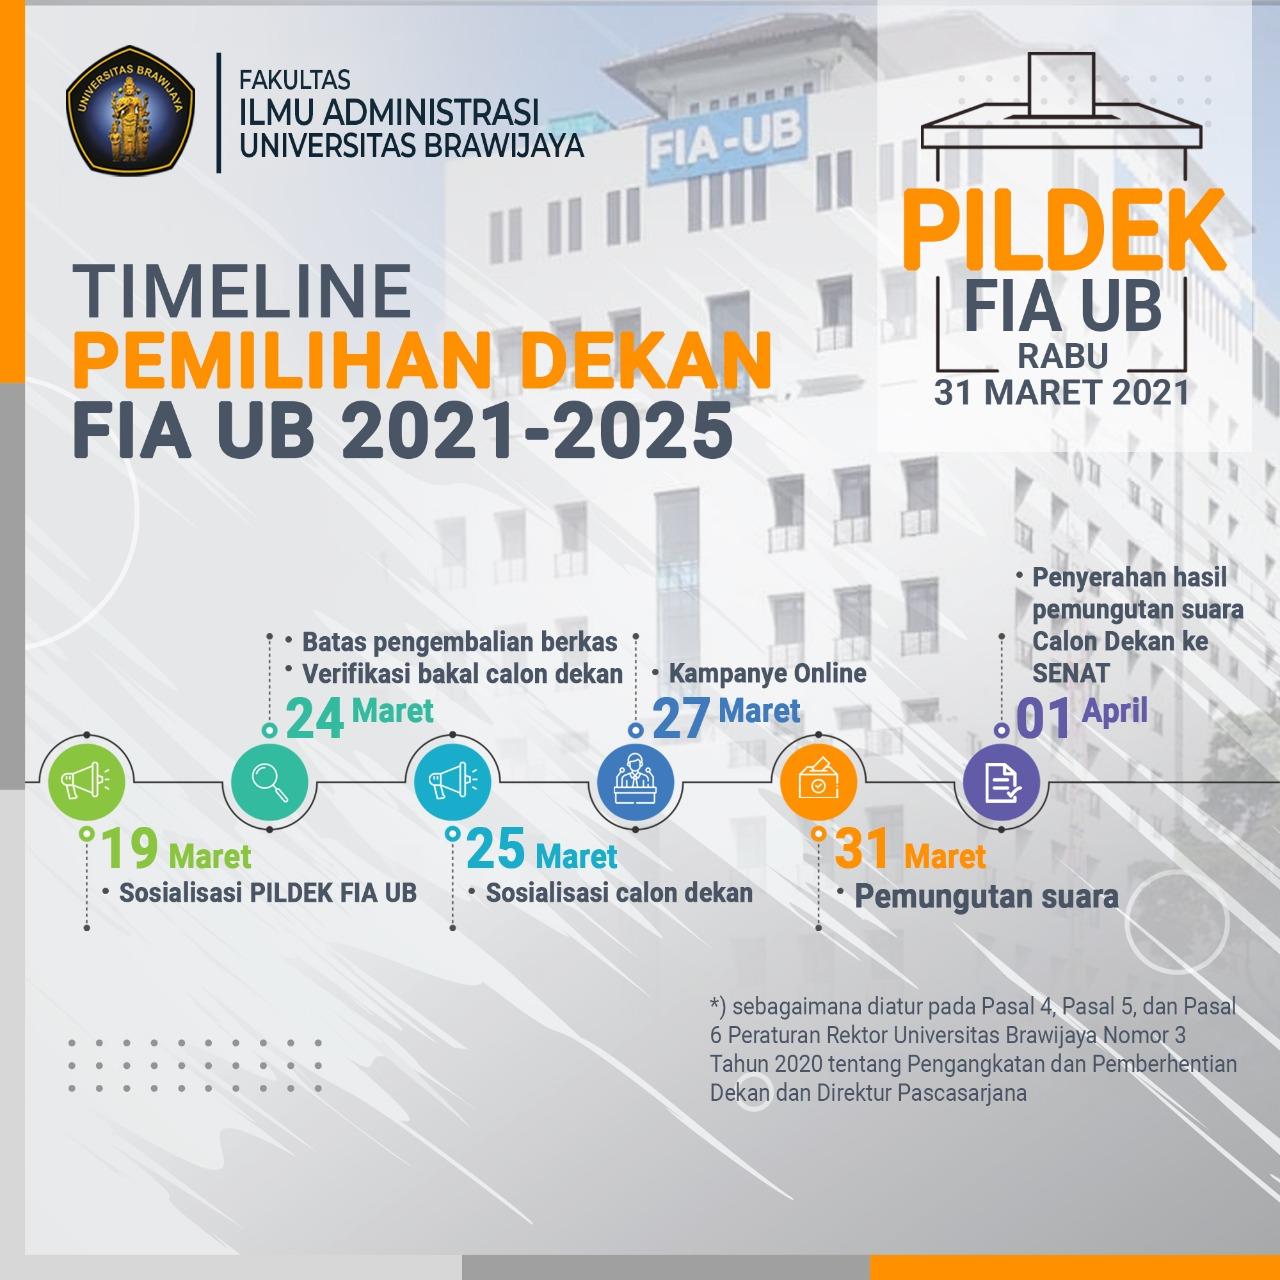 Penjaringan Pemilihan Dekan FIA UB Periode 2021-2025